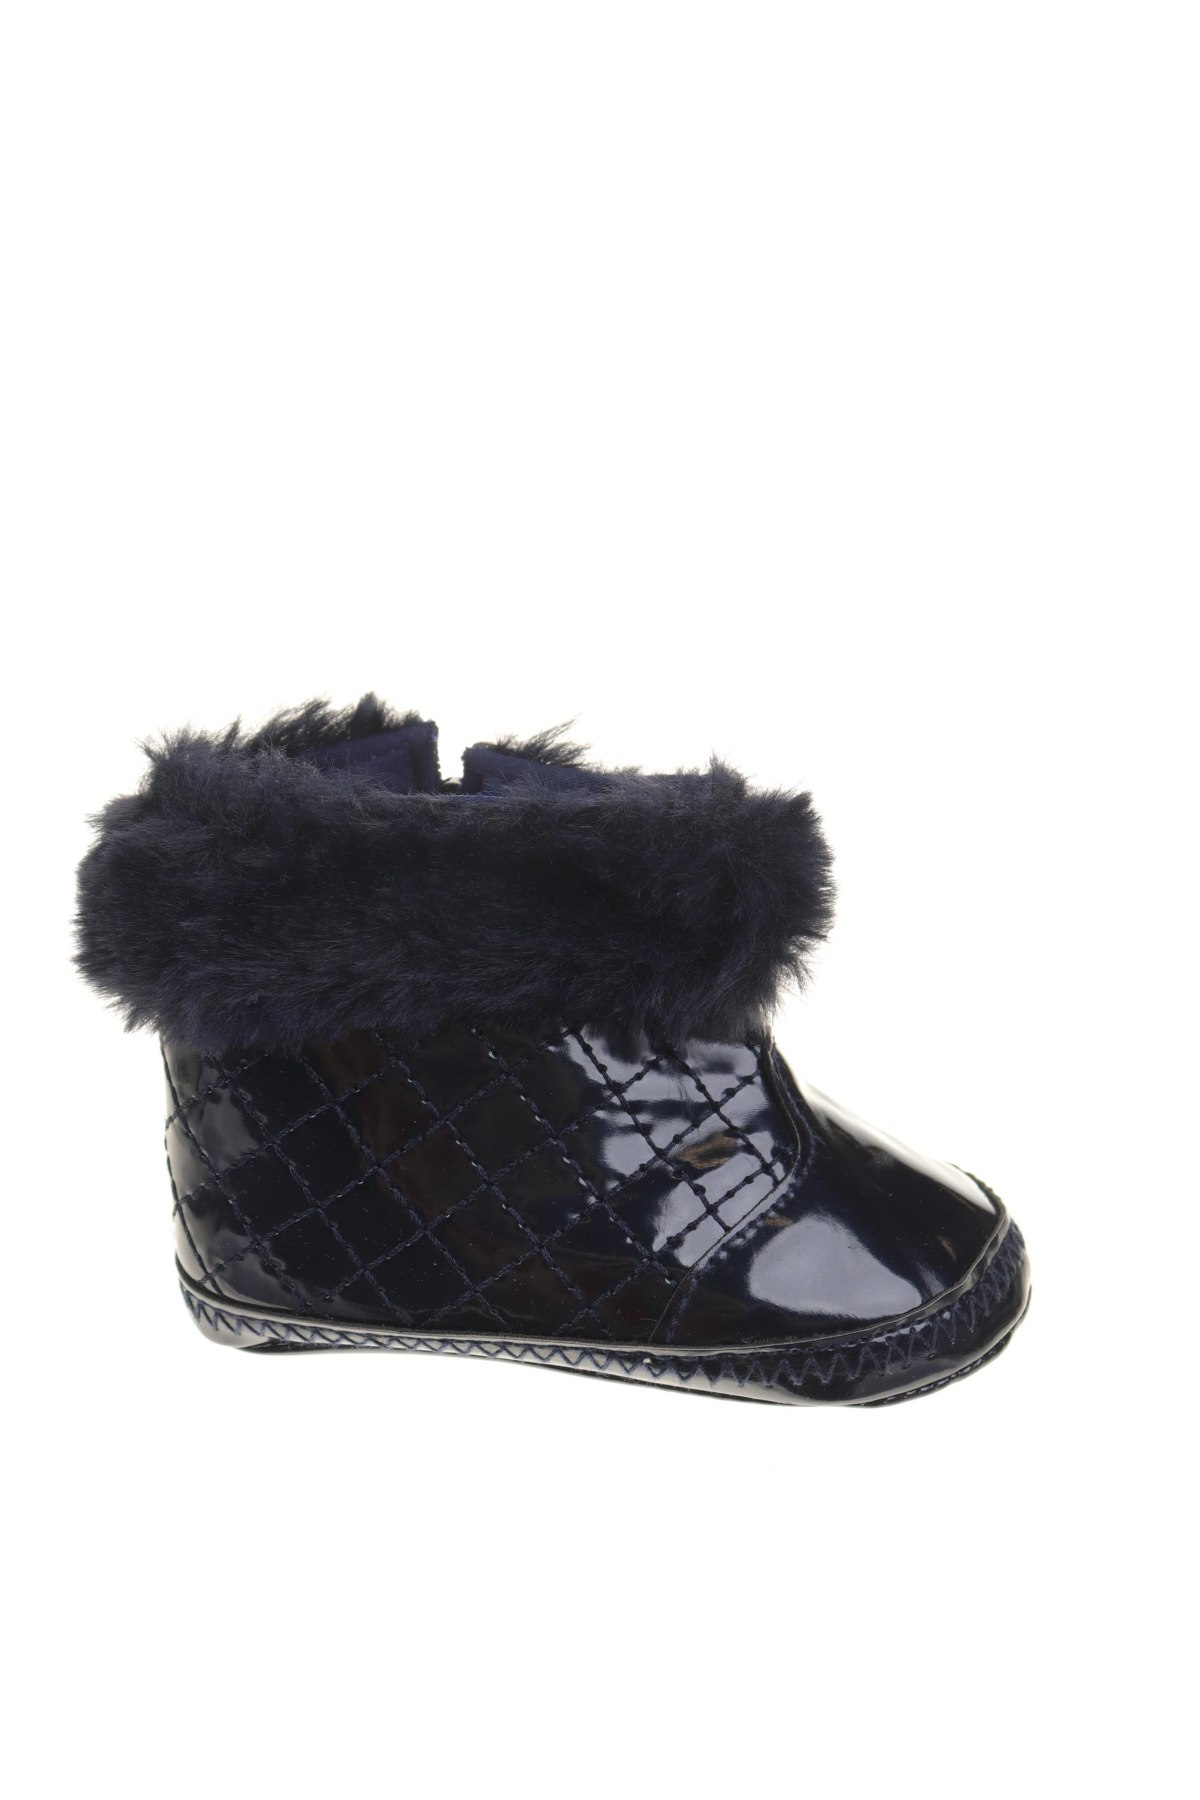 Παιδικά παπούτσια Grain De Ble, Μέγεθος 19, Χρώμα Μπλέ, Δερματίνη, κλωστοϋφαντουργικά προϊόντα, Τιμή 10,67€